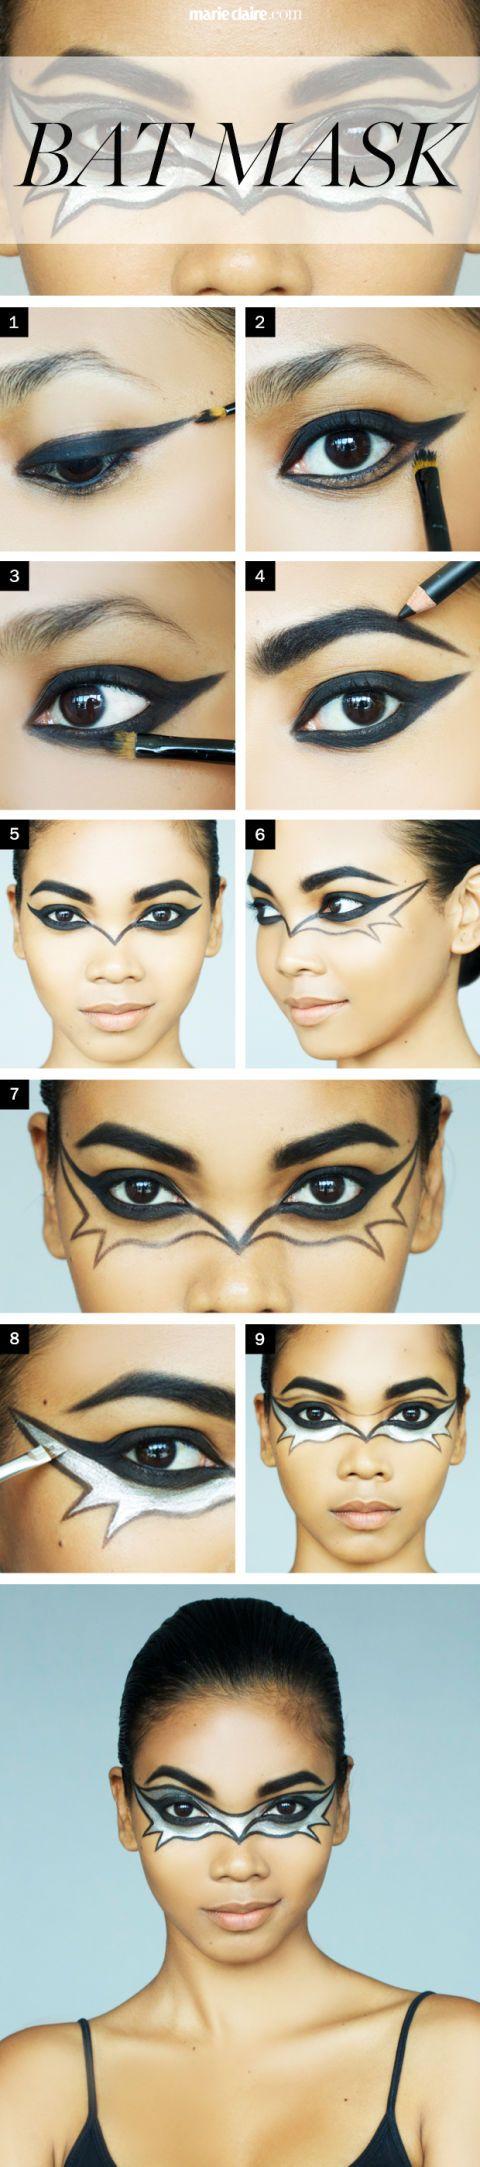 Halloween Makeup How-To: The Bat Mask